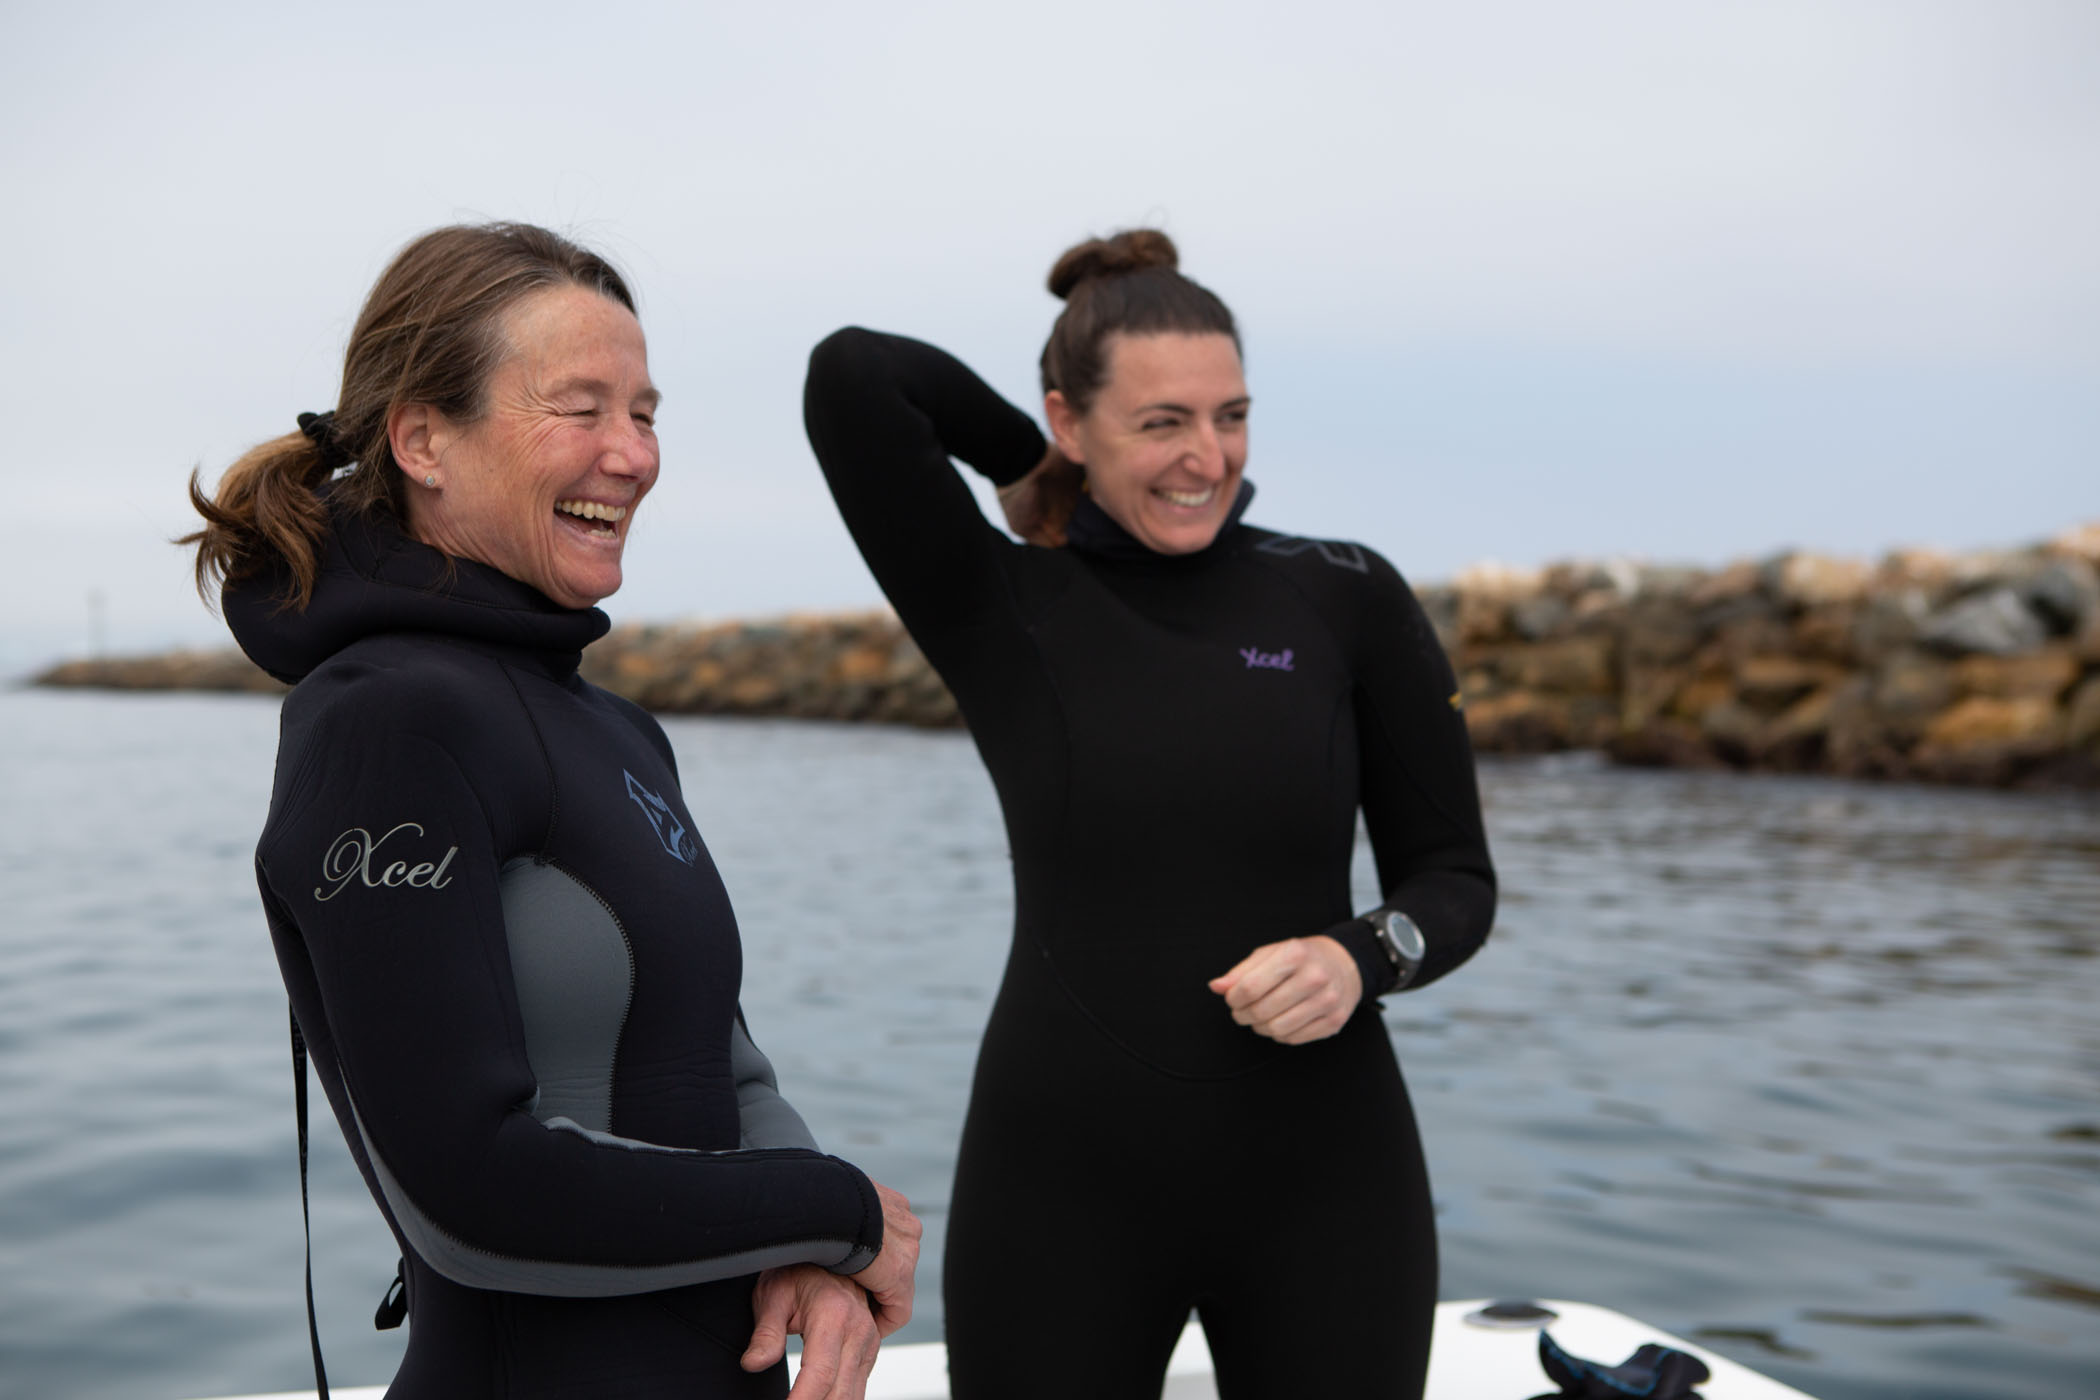 Marine biologists, Sandy Trautwein and JJ Soski for LAist